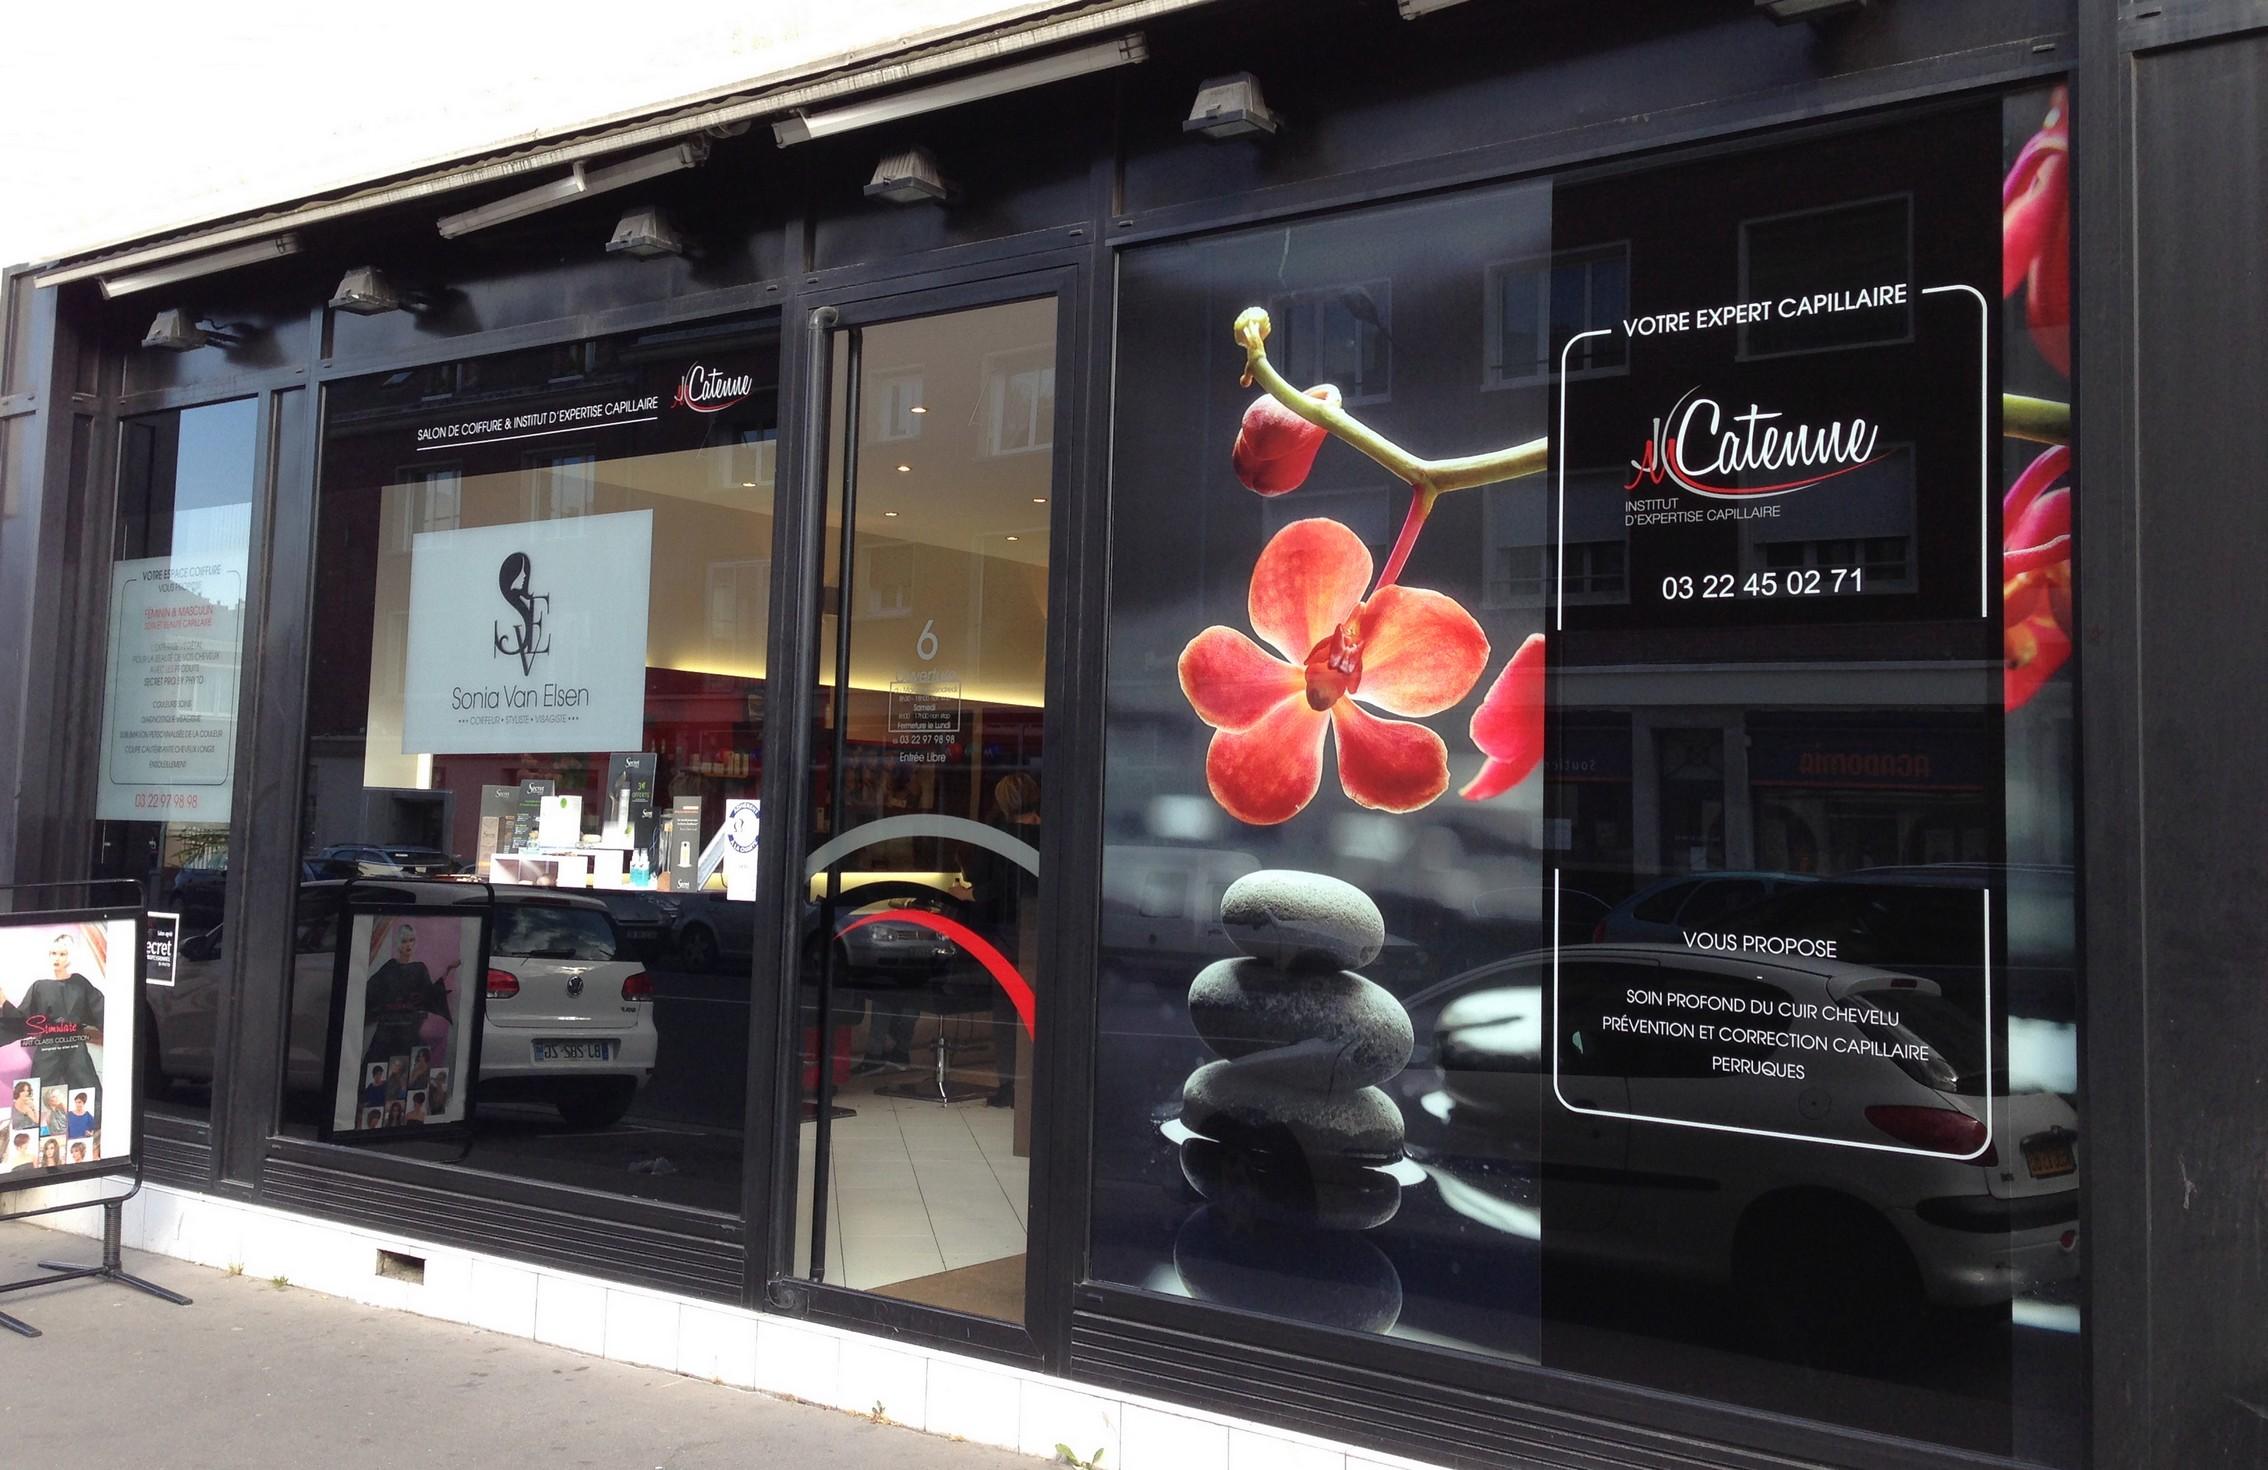 Salon de coiffure amiens infobel france for Salon de coiffure st sauveur